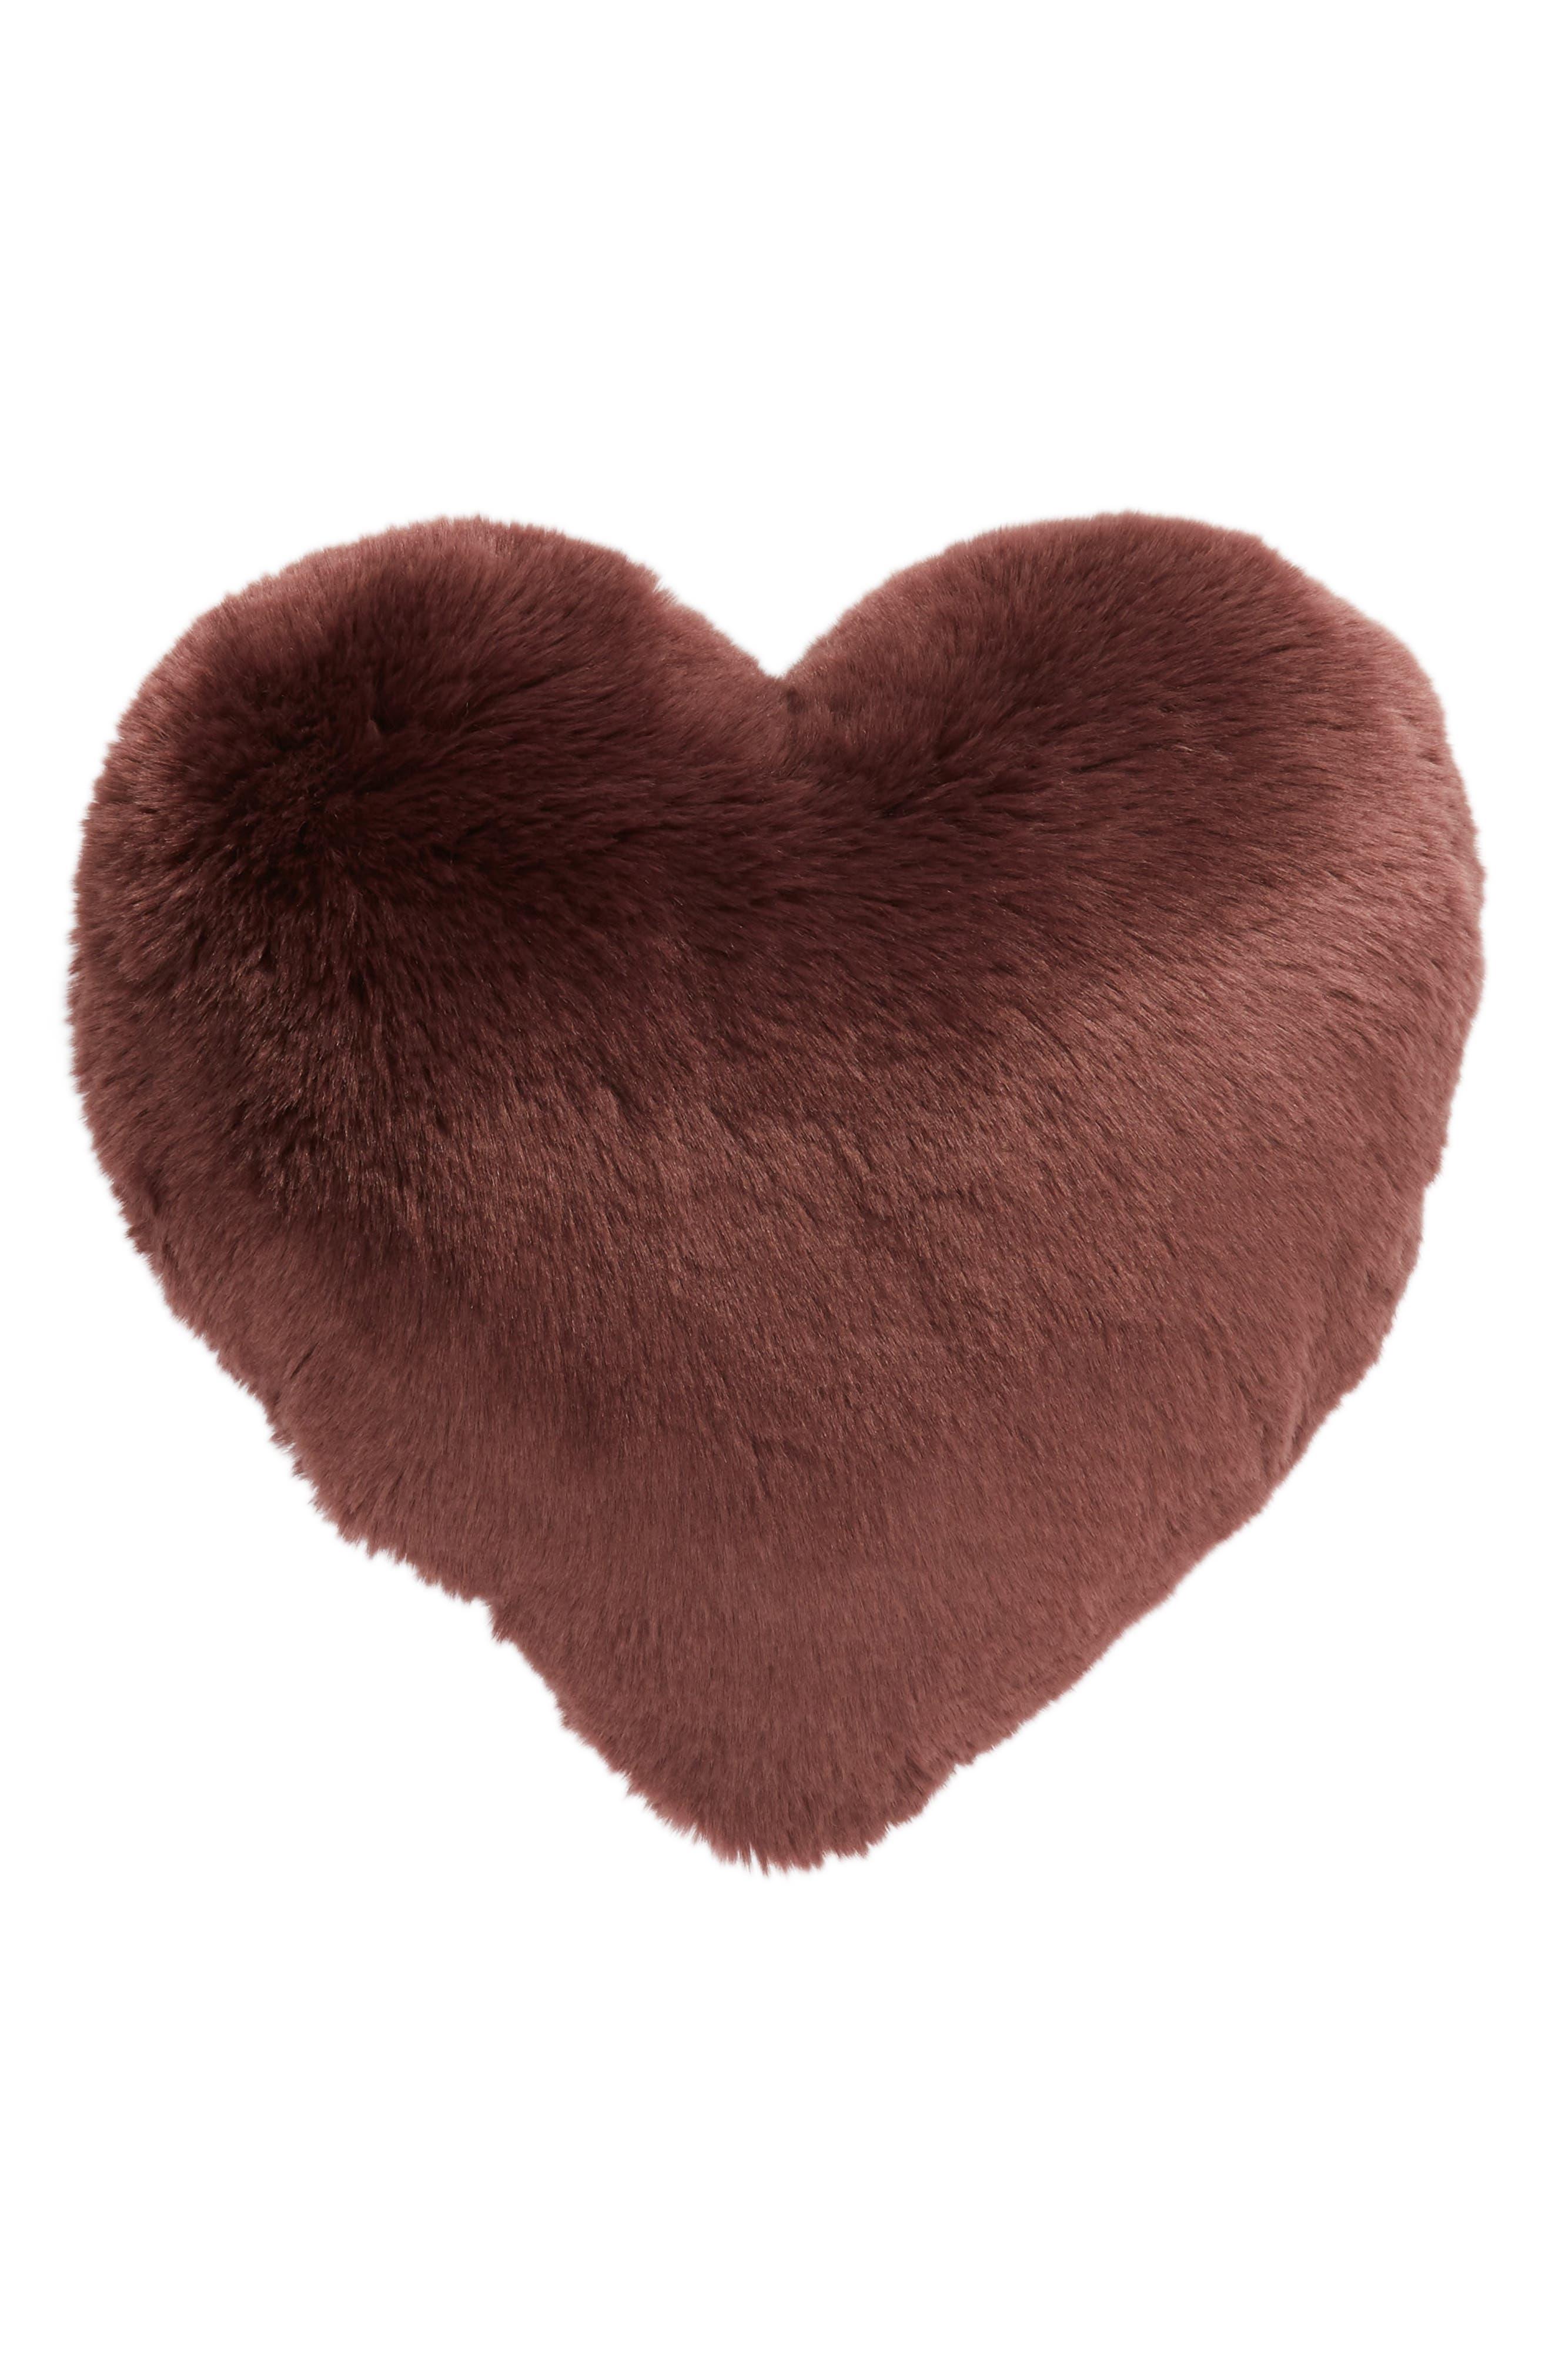 'Cuddle Up' Faux Fur Heart Accent Pillow,                         Main,                         color, BURGUNDY STEM